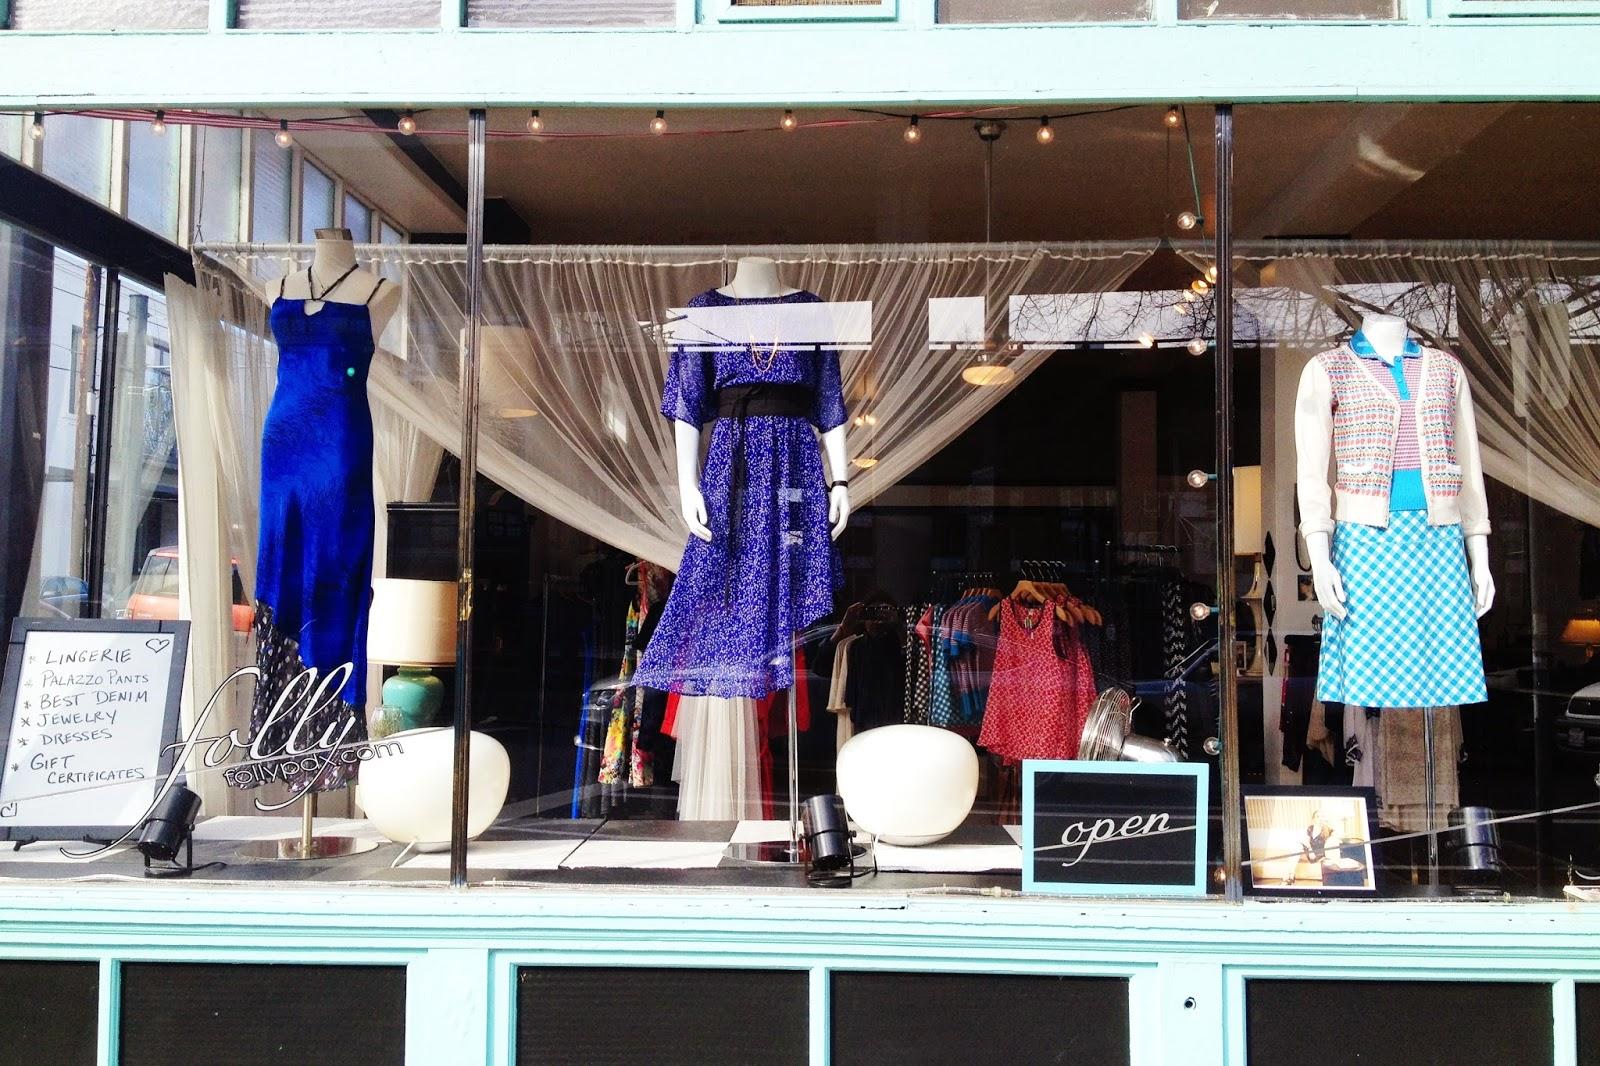 Window display at Folly